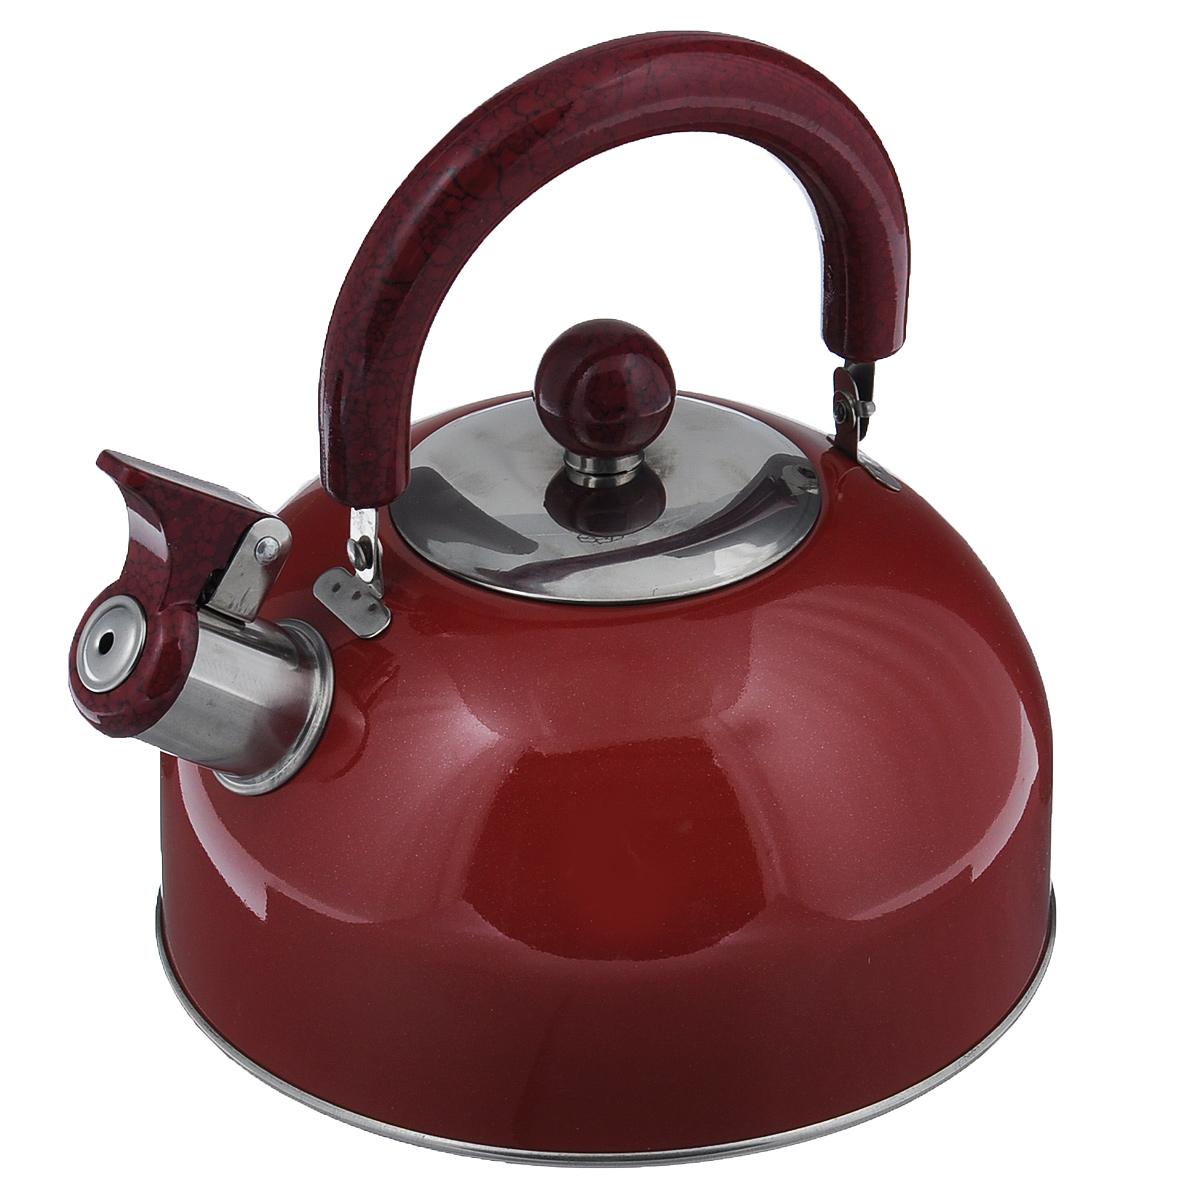 Чайник Mayer & Boch Modern со свистком, цвет: красный, 2 л. МВ-3226МВ-3226Чайник Mayer & Boch Modern изготовлен из высококачественной нержавеющей стали. Гладкая и ровная поверхность существенно облегчает уход. Он оснащен удобной нейлоновой ручкой, которая не нагревается даже при продолжительном периоде нагрева воды. Носик чайника имеет насадку-свисток, что позволит вам контролировать процесс подогрева или кипячения воды. Выполненный из качественных материалов чайник Mayer & Boch Modern при кипячении сохраняет все полезные свойства воды. Чайник пригоден для использования на всех типах плит, кроме индукционных. Можно мыть в посудомоечной машине. Диаметр чайника по верхнему краю: 8,5 см. Диаметр основания: 19 см. Высота чайника (без учета ручки и крышки): 10 см. УВАЖАЕМЫЕ КЛИЕНТЫ! Обращаем ваше внимание на тот факт, что указан максимальный объем чайника с учетом полного наполнения до кромки. Объем чайника с учетом наполнения до уровня носика составляет 1,5 литра.